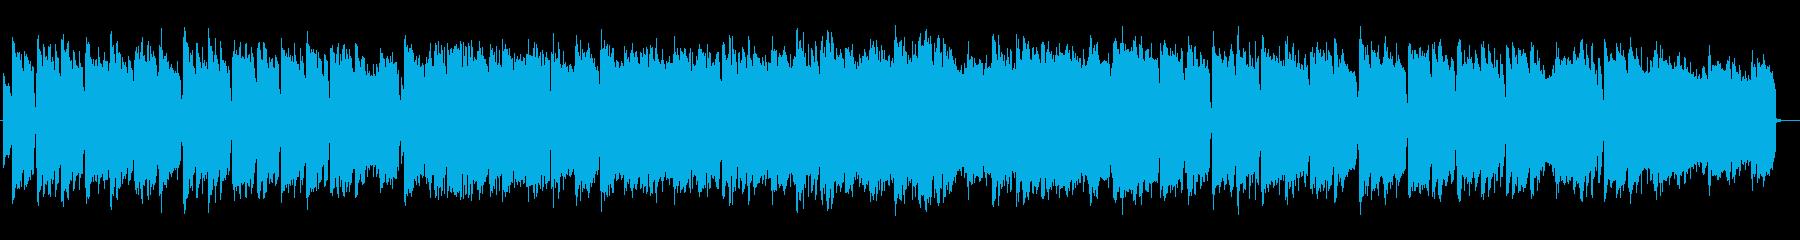 和のメロディ琴と尺八のアンビエントハウスの再生済みの波形